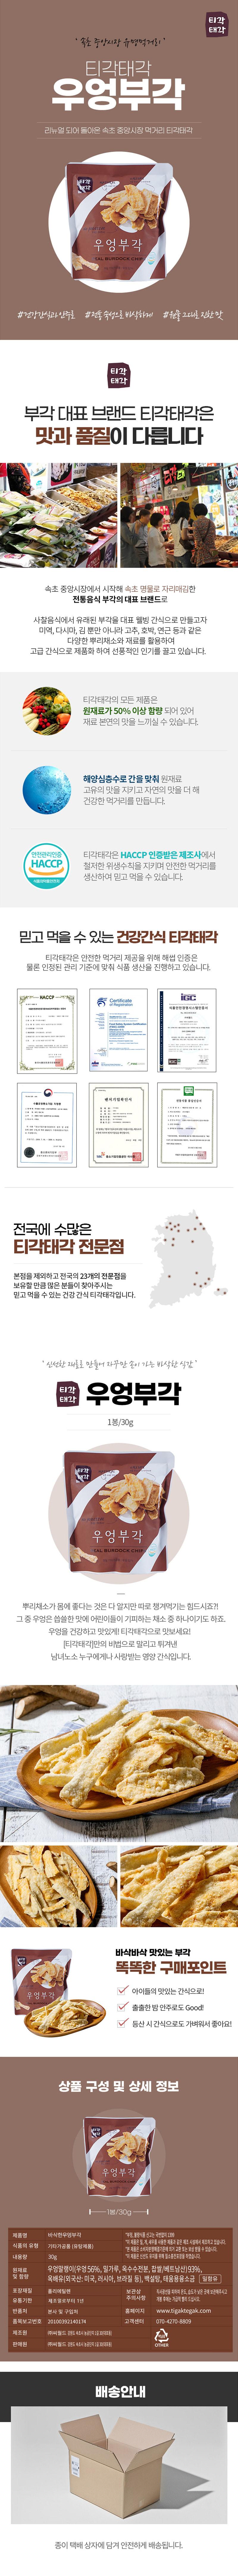 siwooyeongbukak_page_30g.jpg